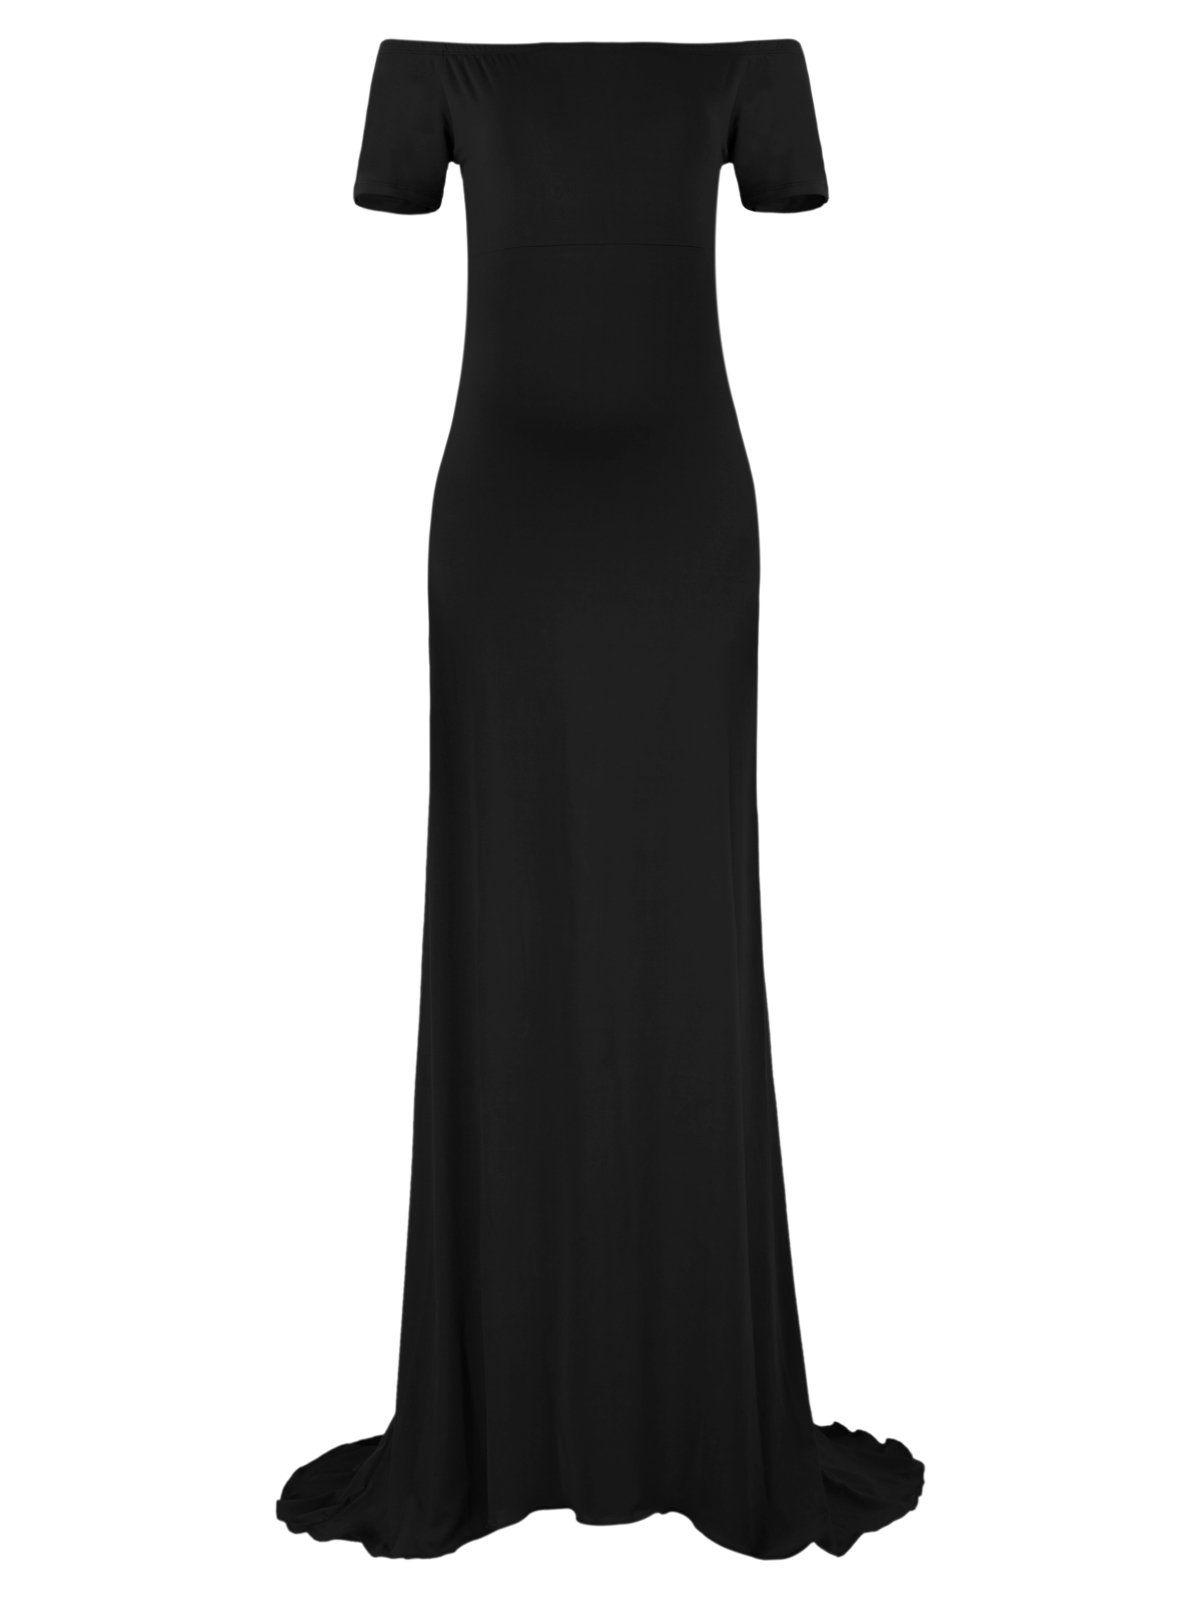 Maternity fashion best maternity maxi dress blackcherry womens